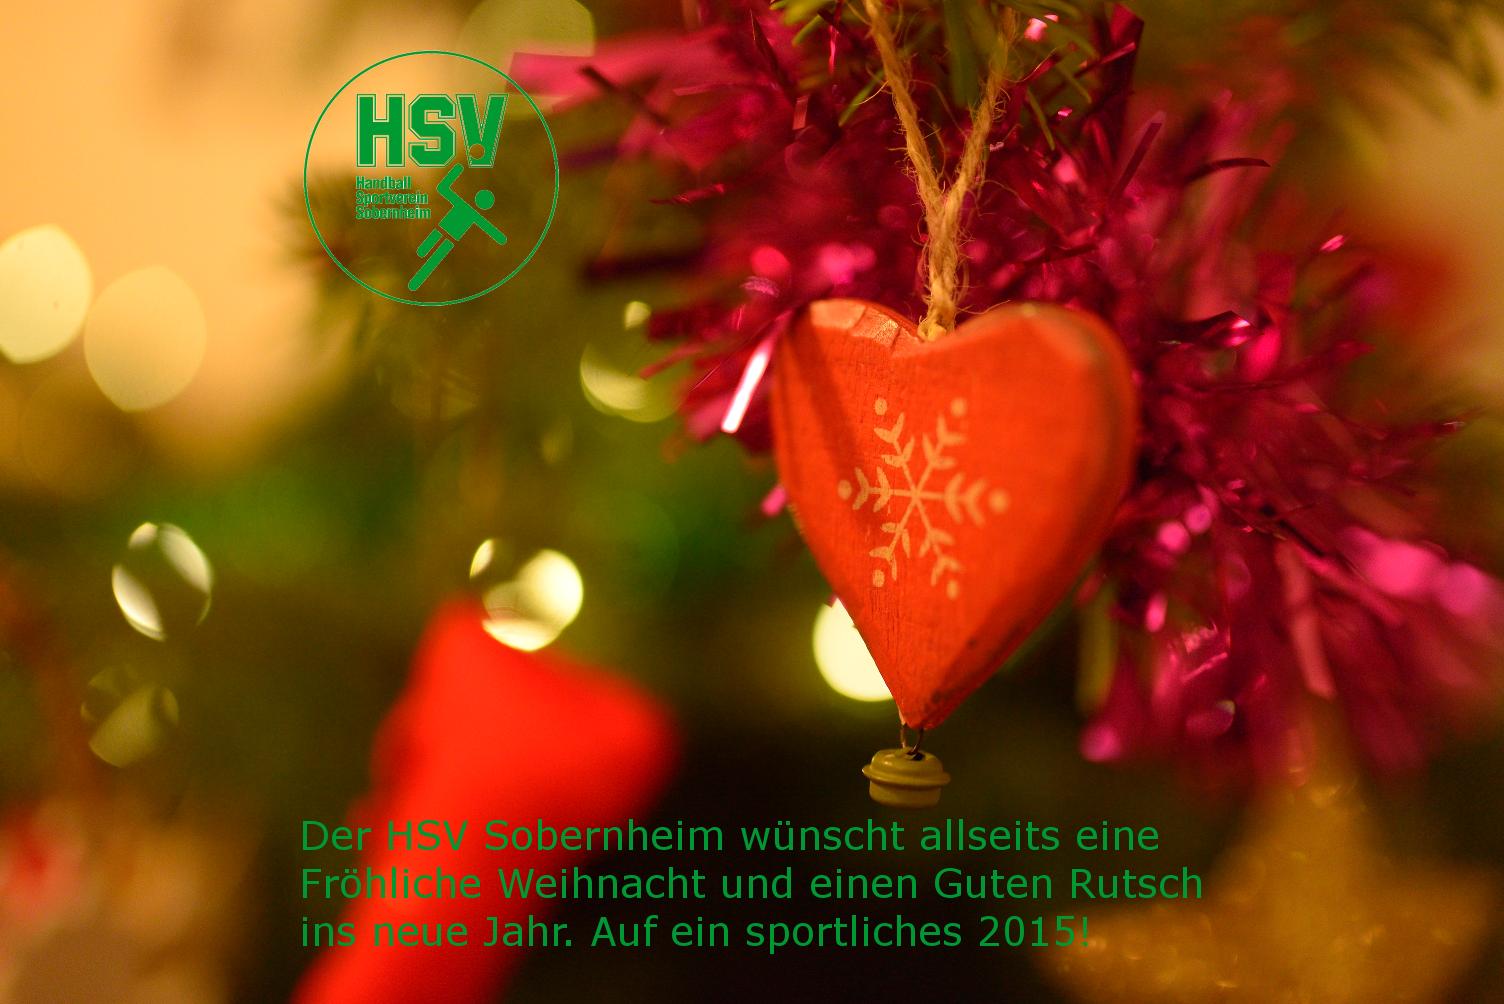 Fröhliche Weihnachten und auf ein erfolgreiches Jahr 2015!